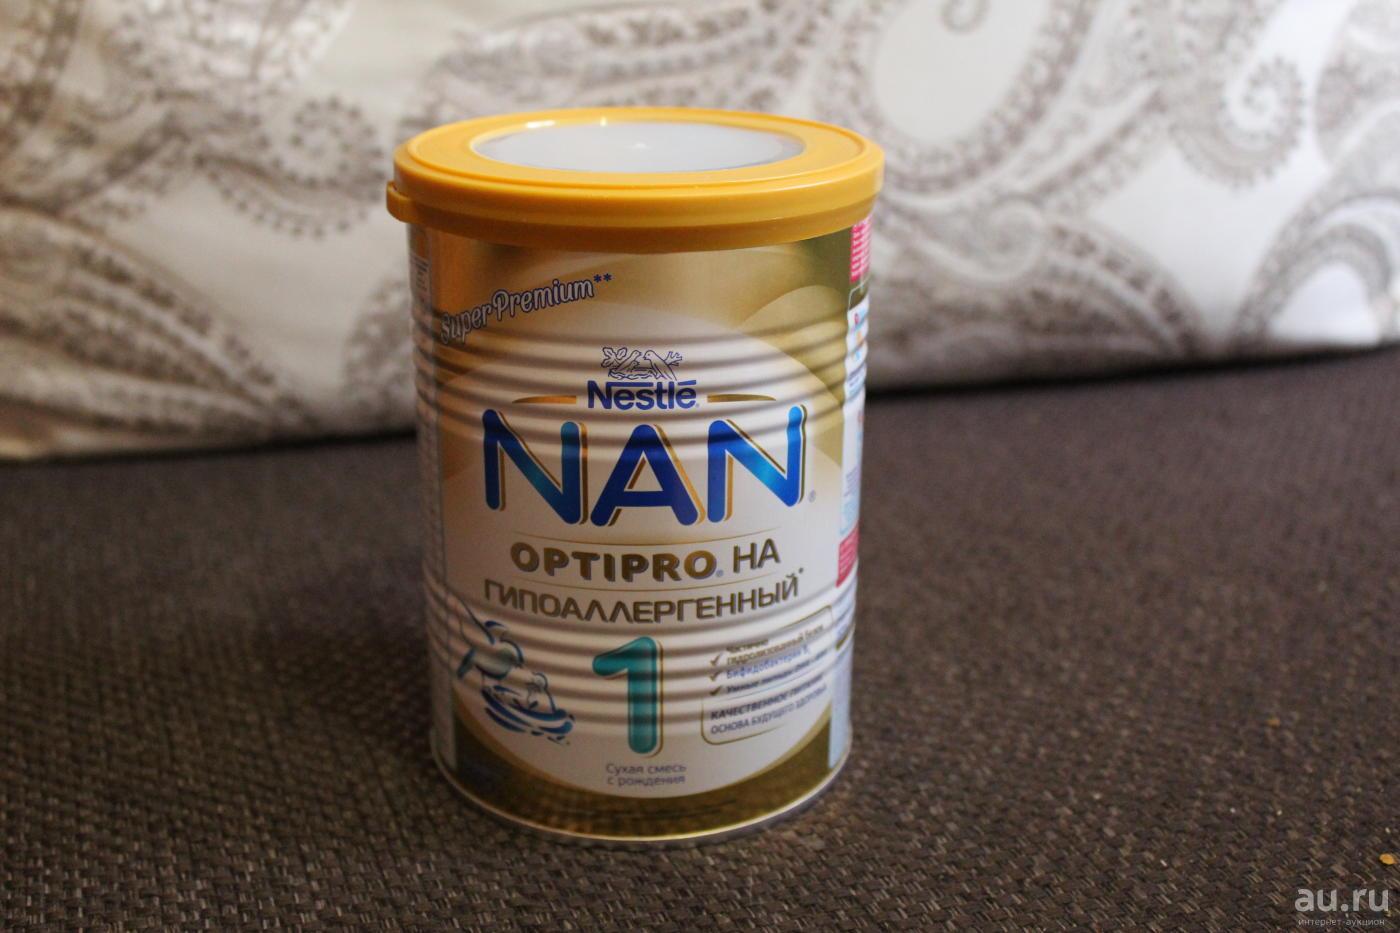 Смесь нан для новорожденных: виды, какая смесь лучше, отзывы